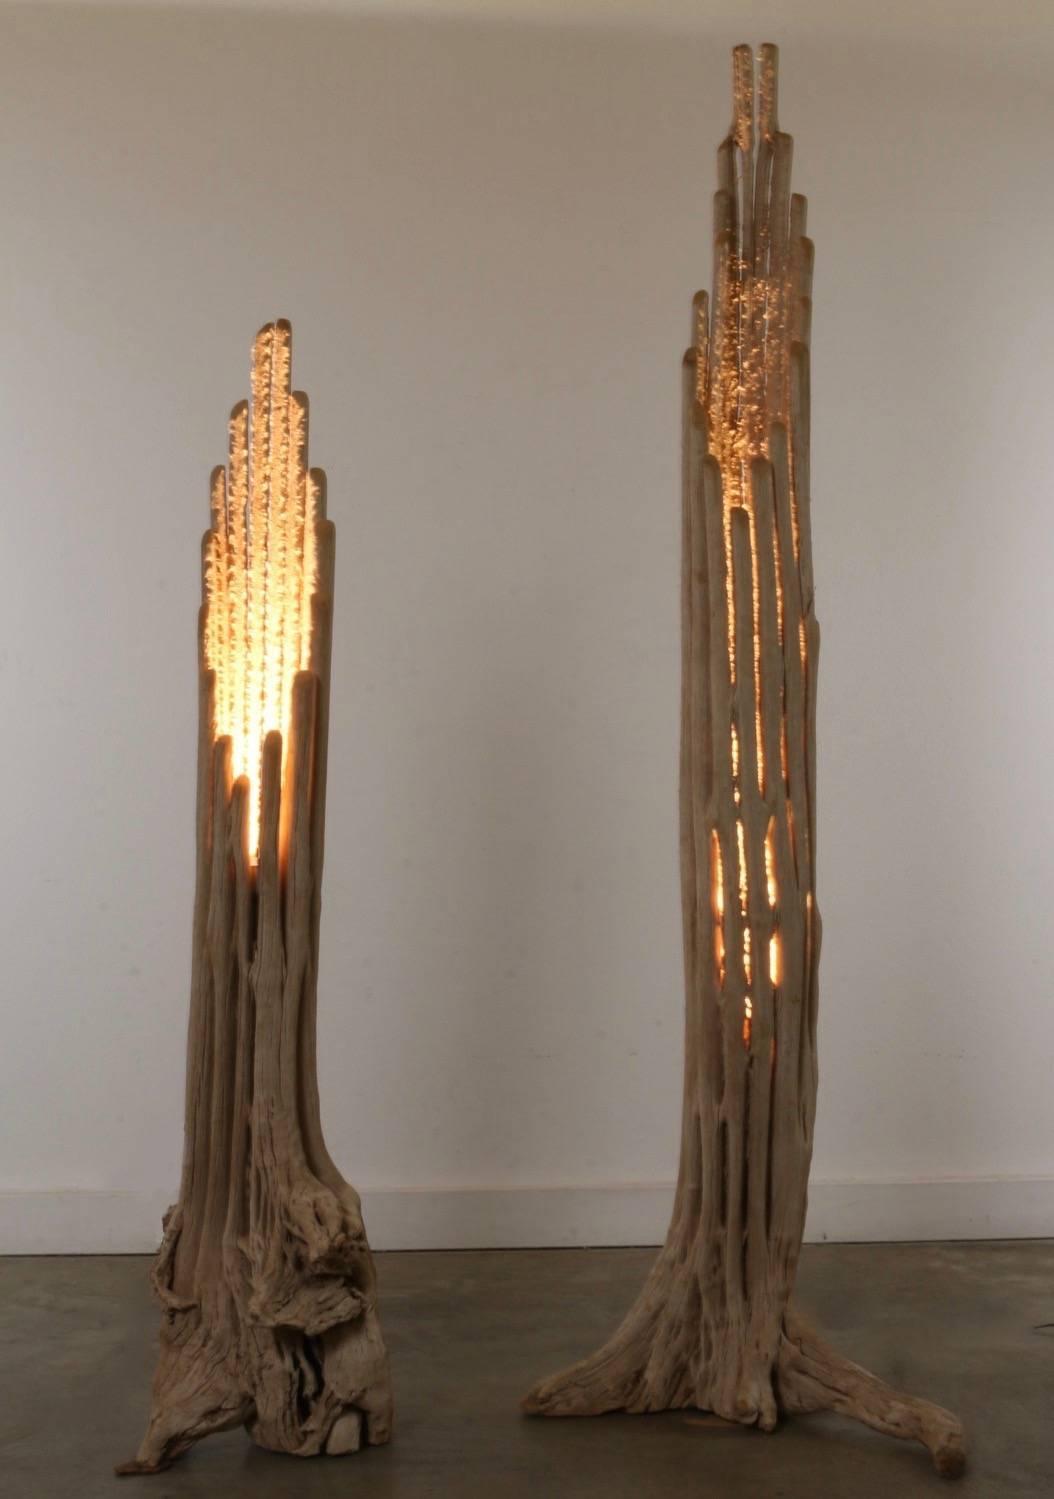 Saguaro Cactus Floor Lamp Pair For Sale At 1stdibs